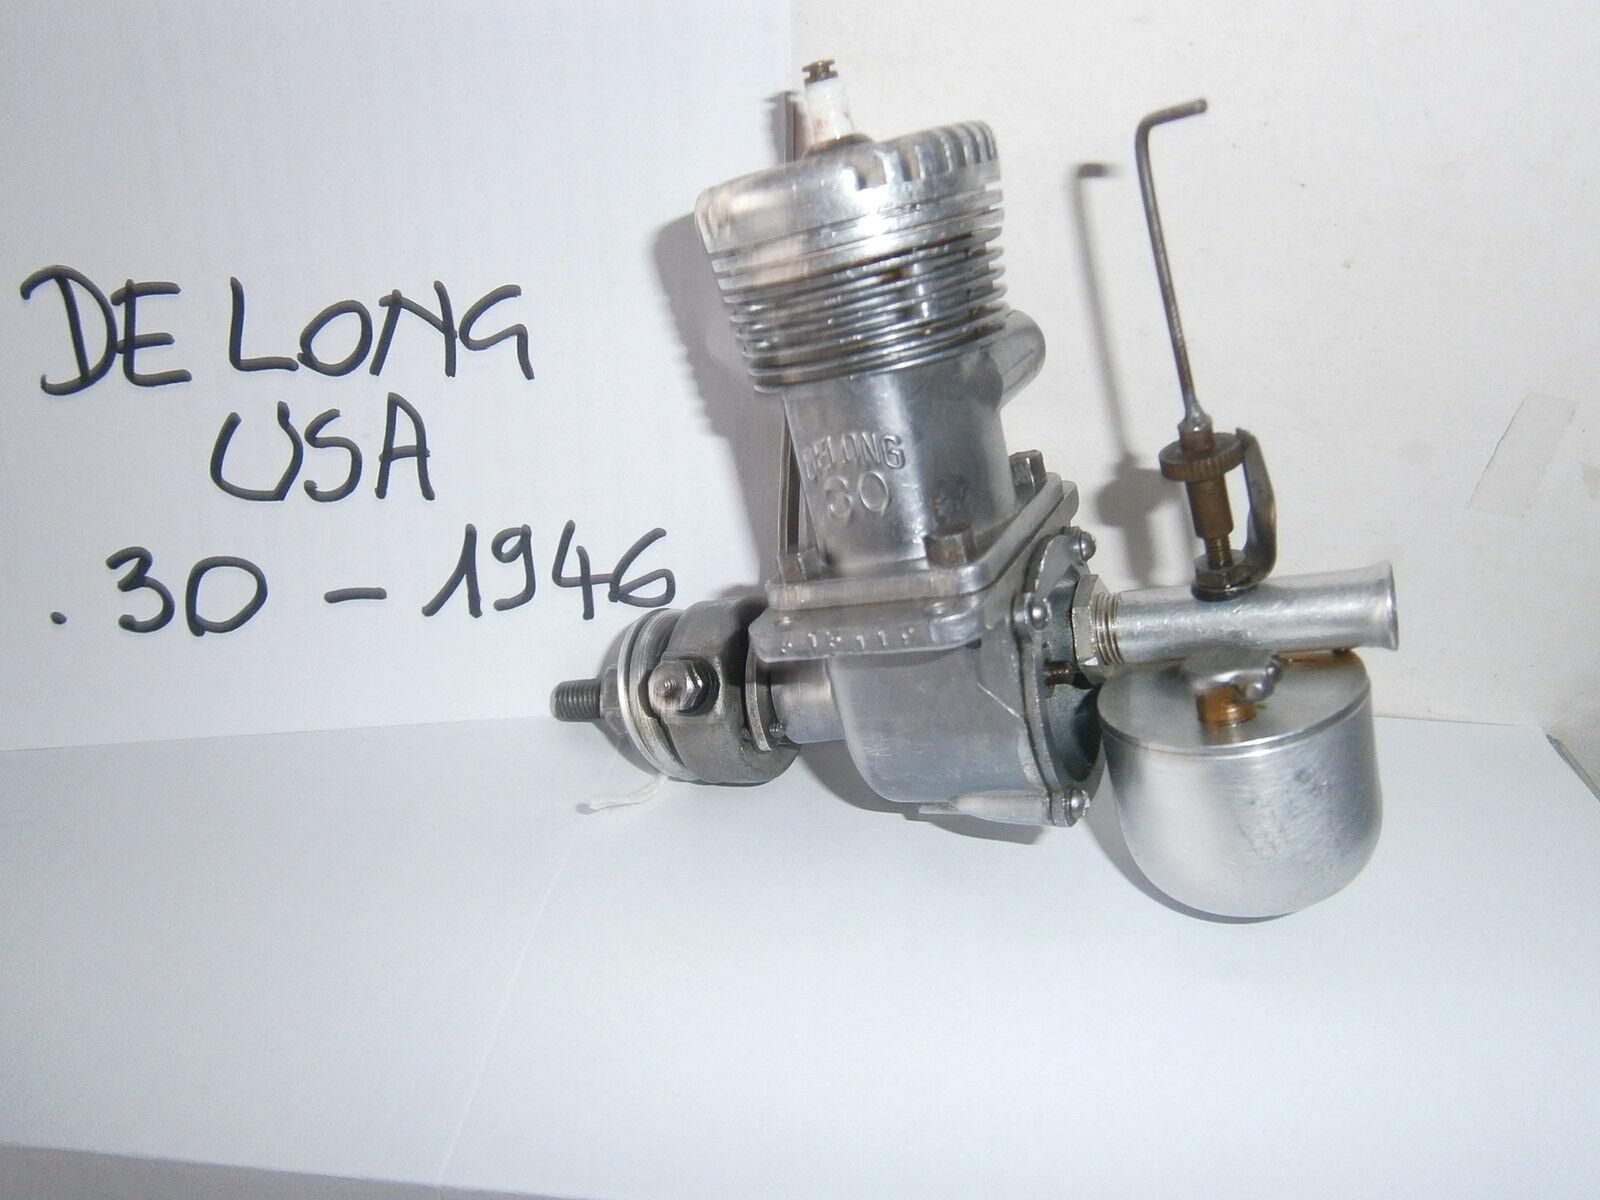 il più economico MOTEUR - - -  USA - DE lungo .30 - SPARK - VINTAGE ENGINE  risparmia fino al 30-50% di sconto